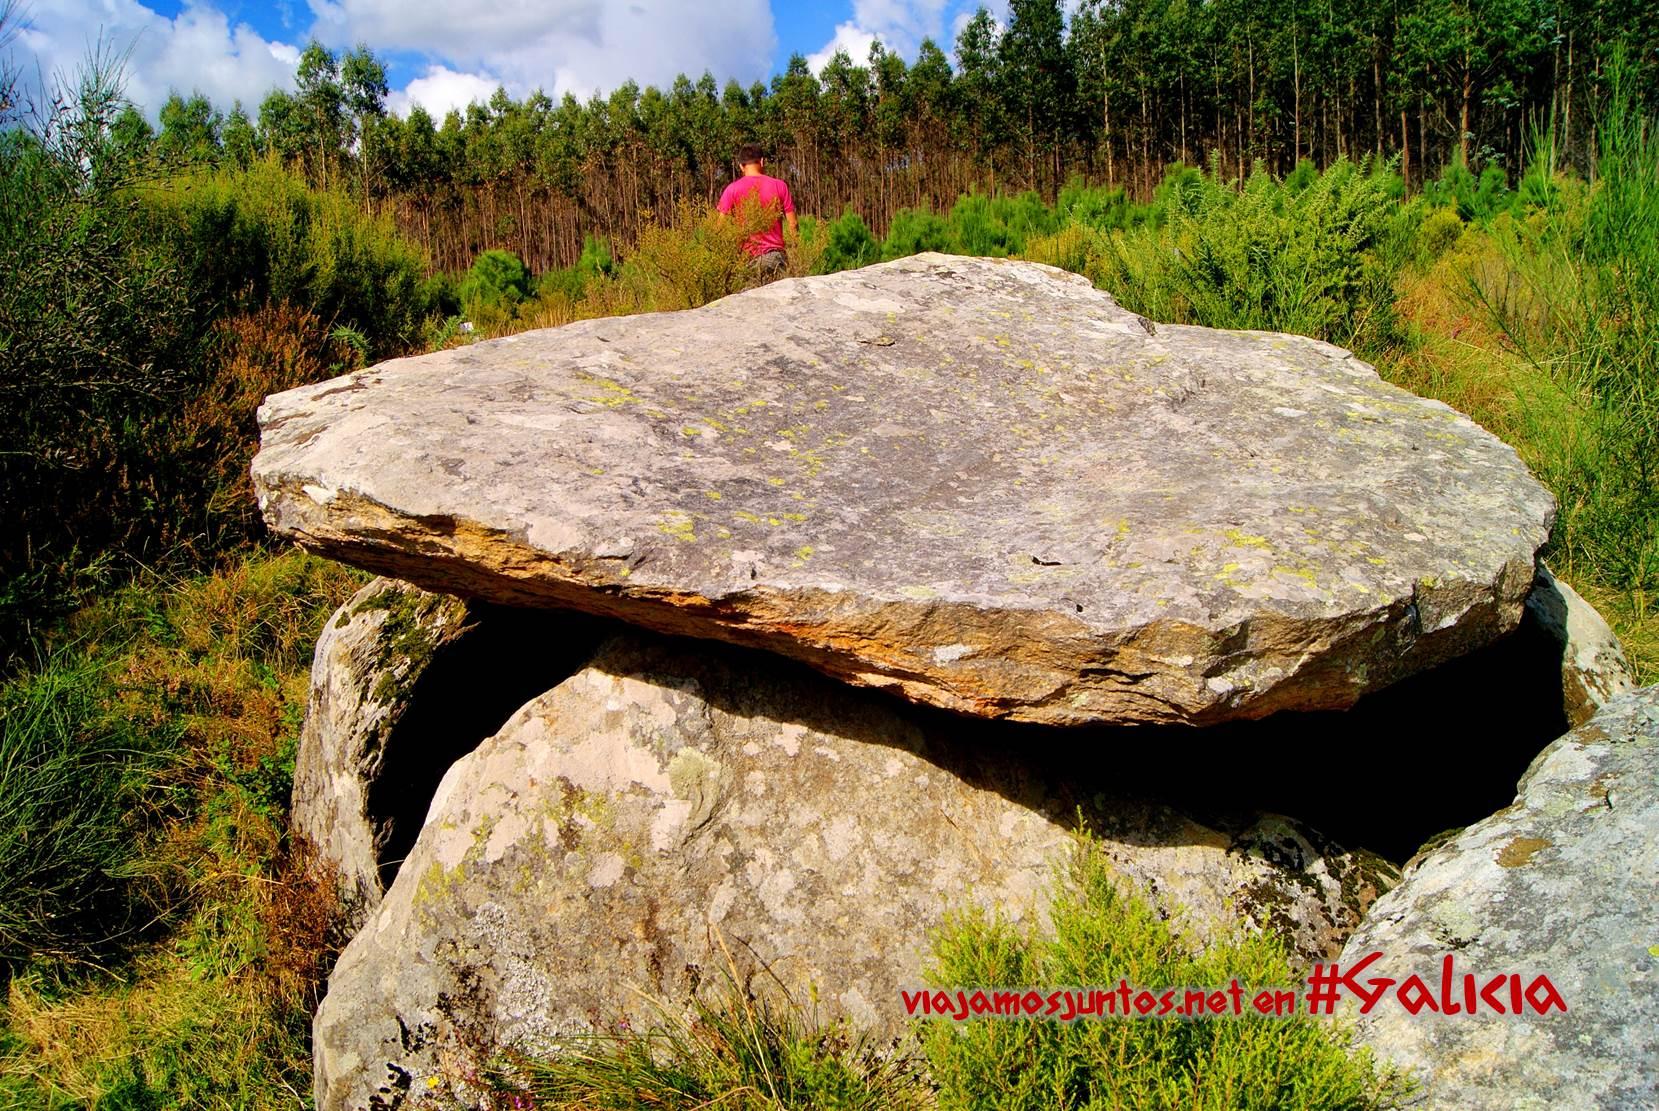 Entornos mágicos de Galicia, Costa da Morte, Galicia; dolmen